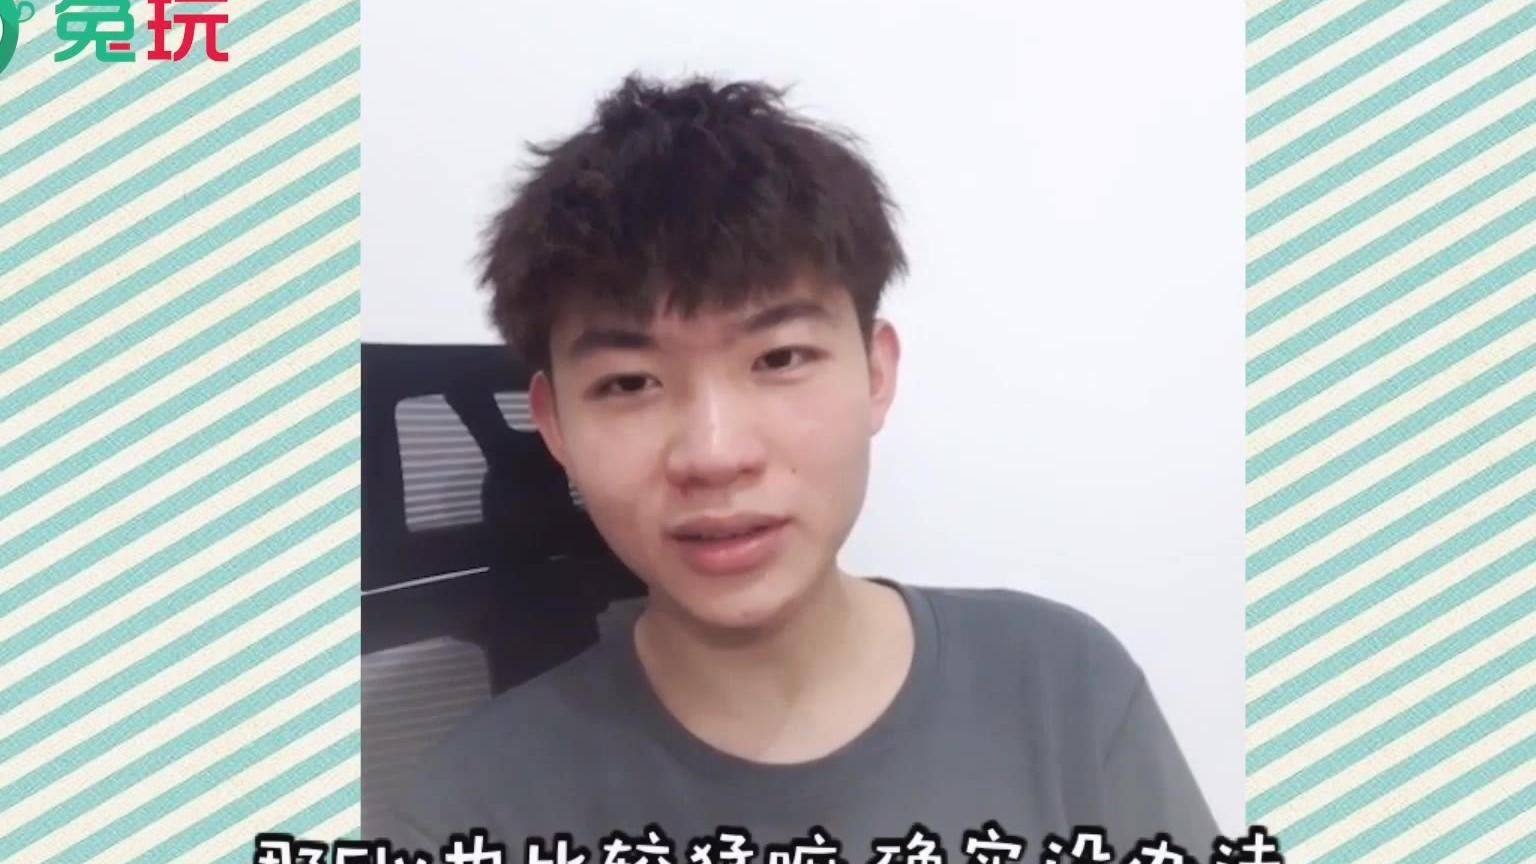 兔玩专访九尾&晨羽:痛击我的队友,奶一口西强东冠